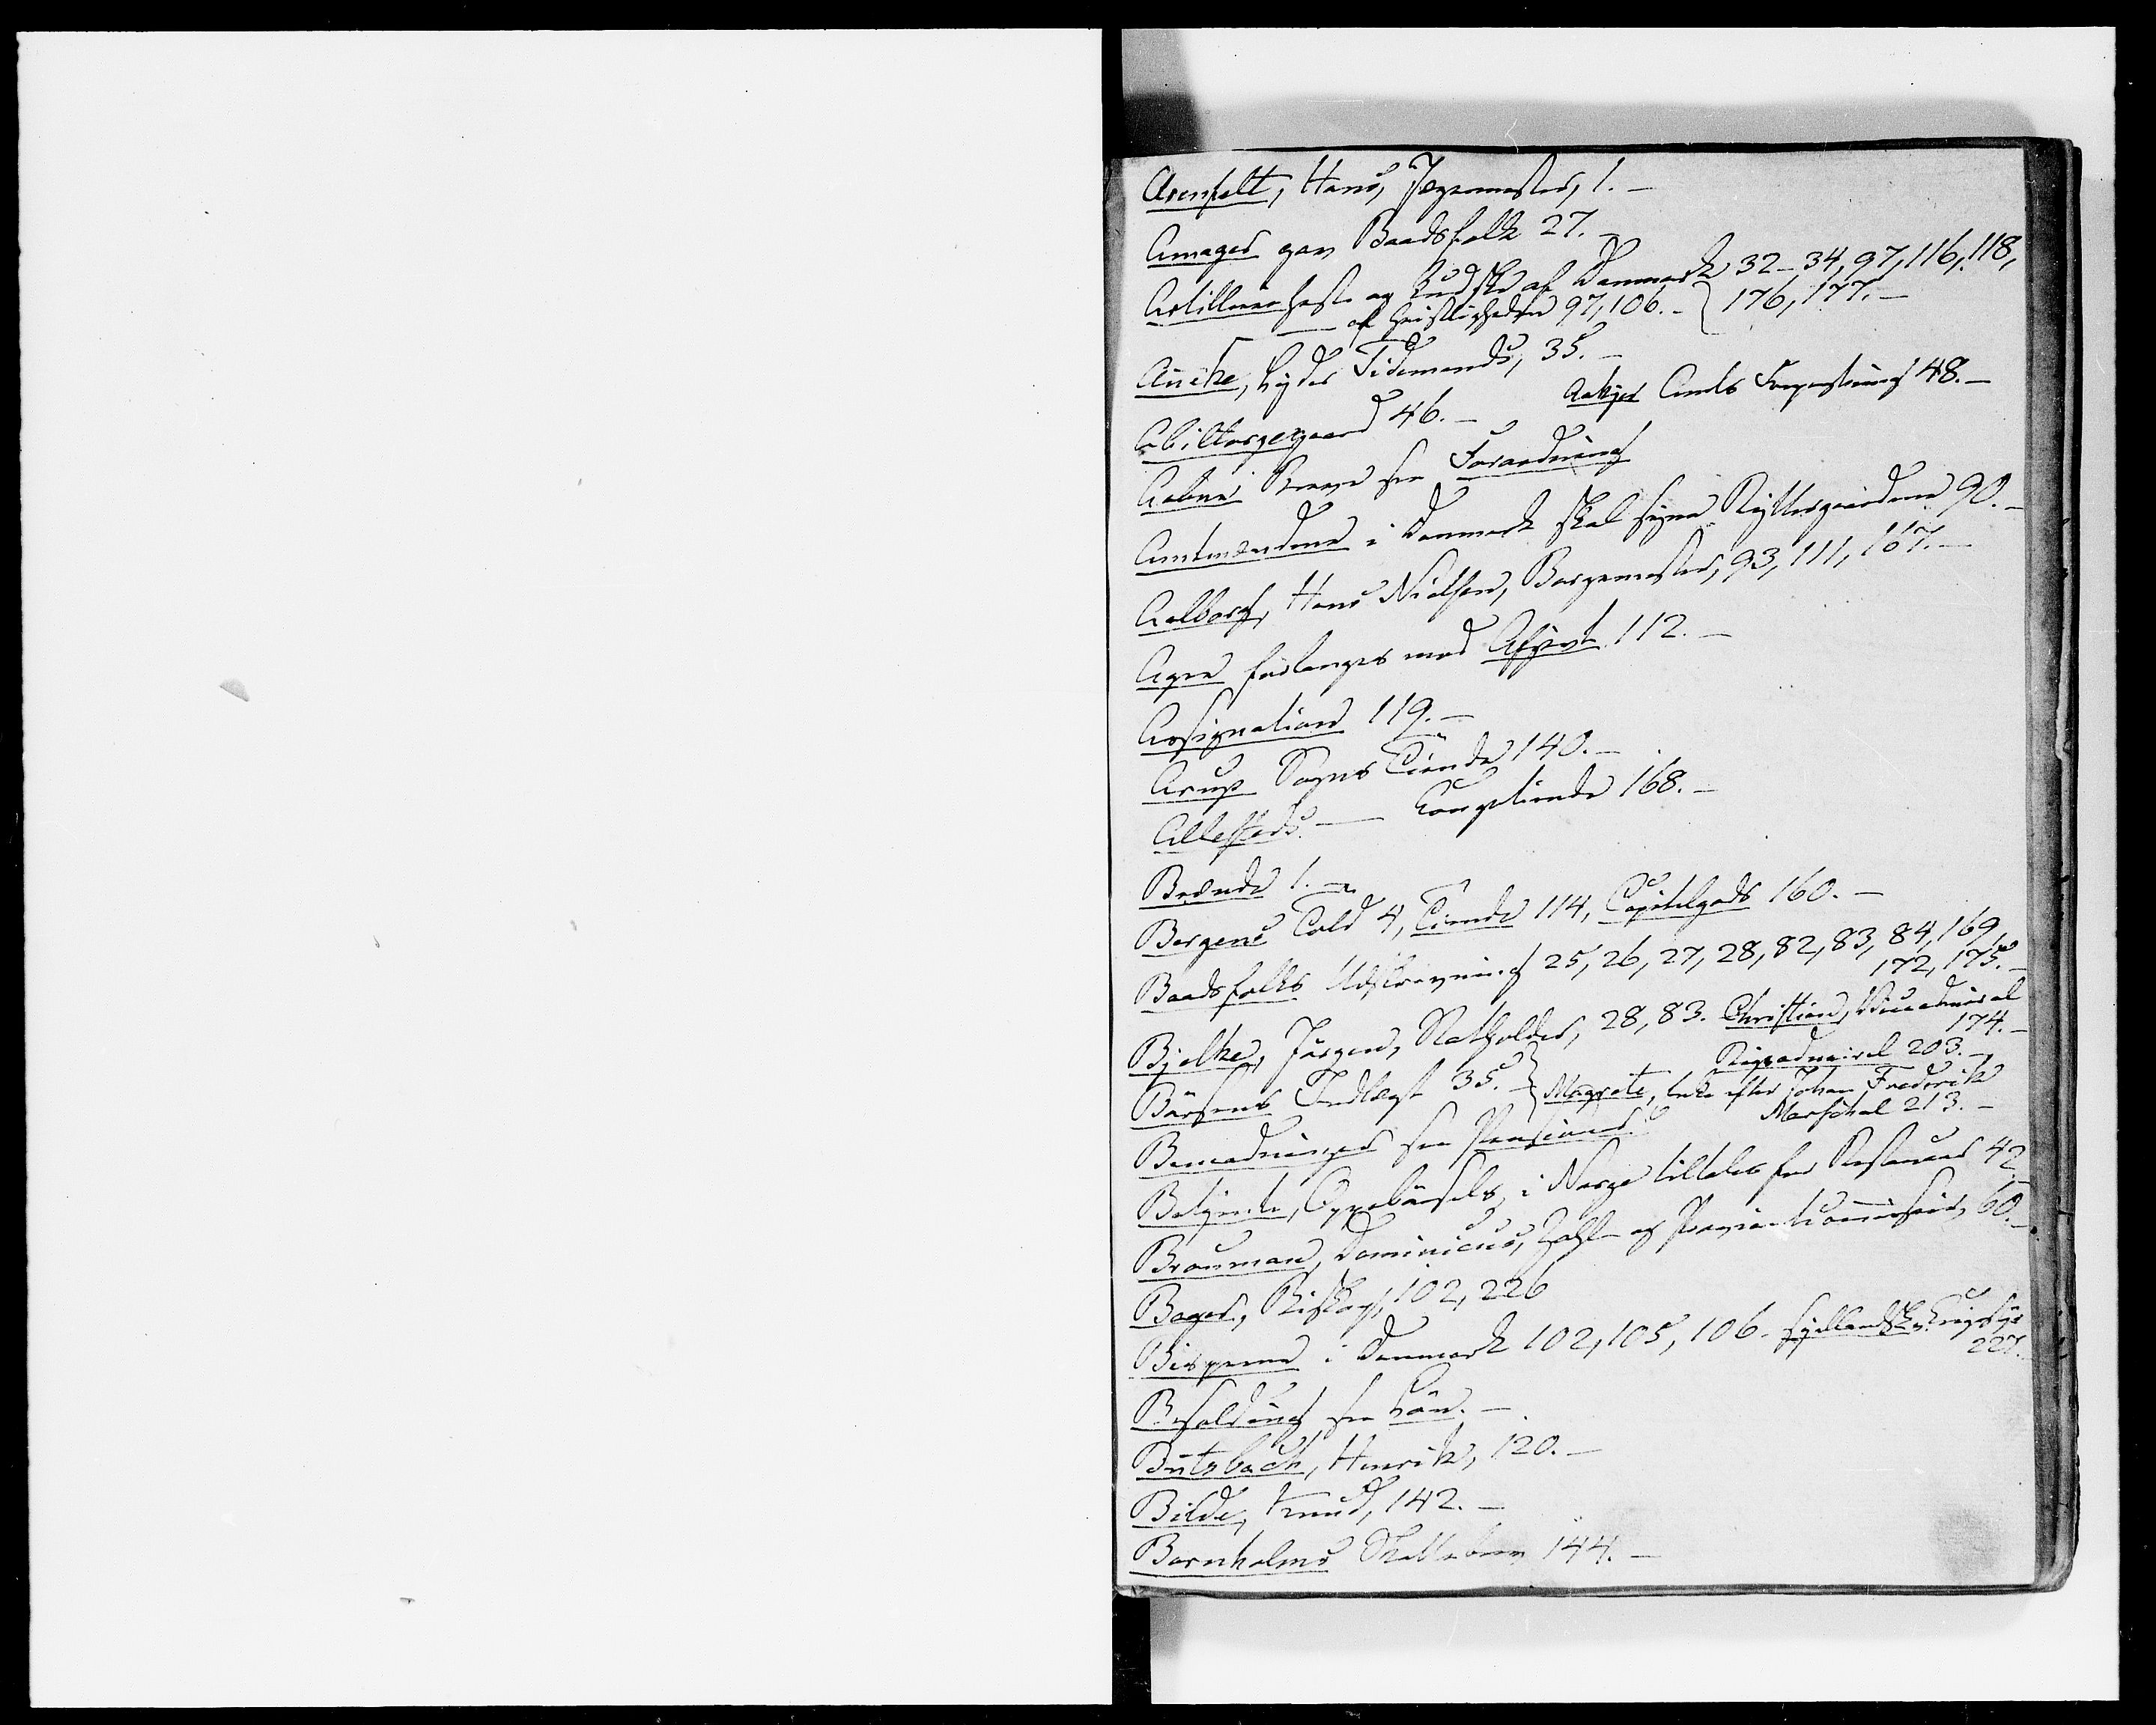 DRA, Rentekammeret Skatkammeret, Danske Sekretariat (1660-1679) / Rentekammeret Danske Afdeling, Kammerkancelliet (1679-1771), -/0212-14: Ekspeditionsprotokol, 1676-1679